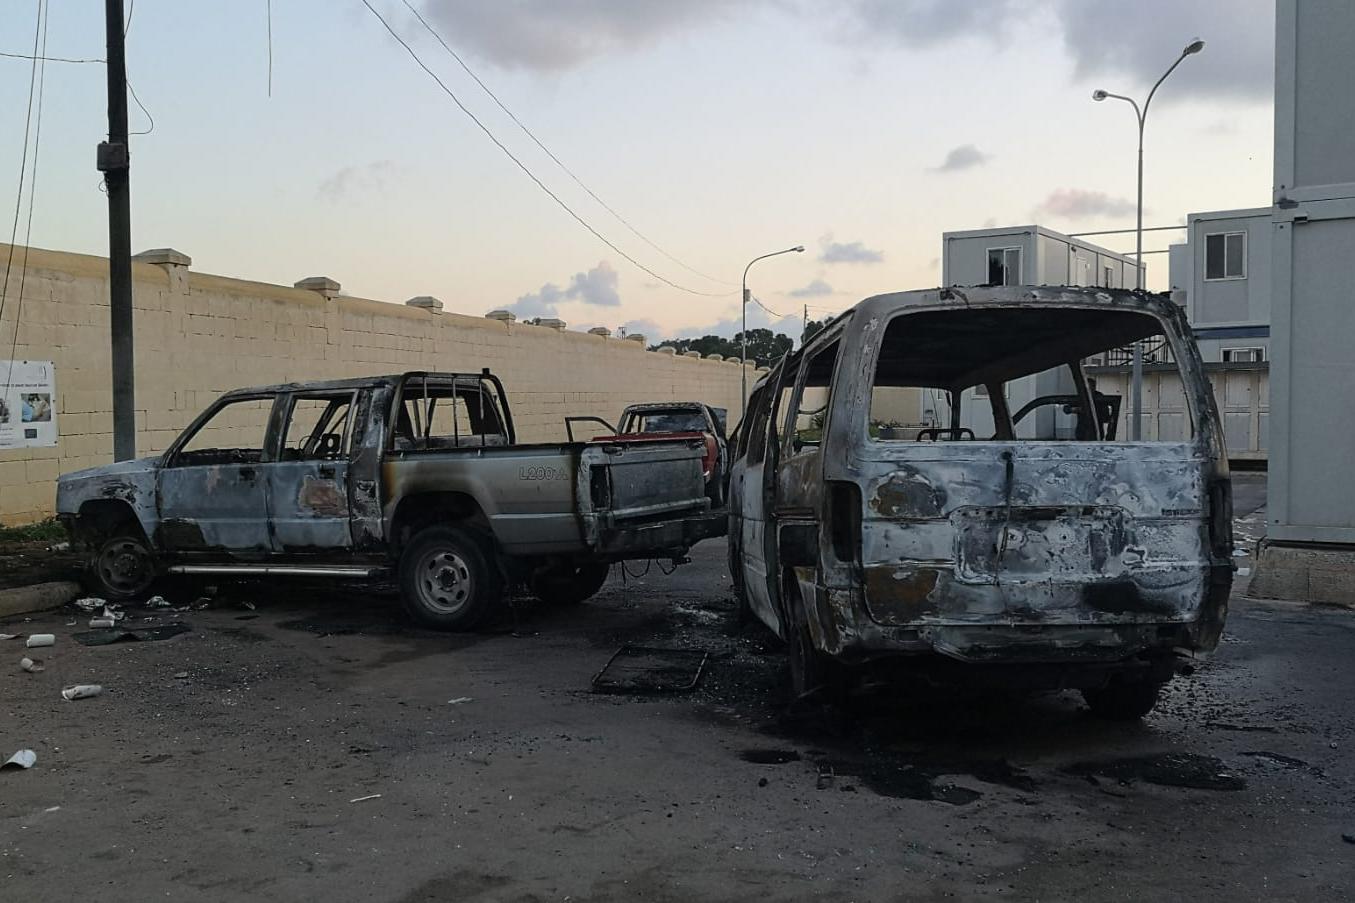 Burnt vehicles at Ħal Far.